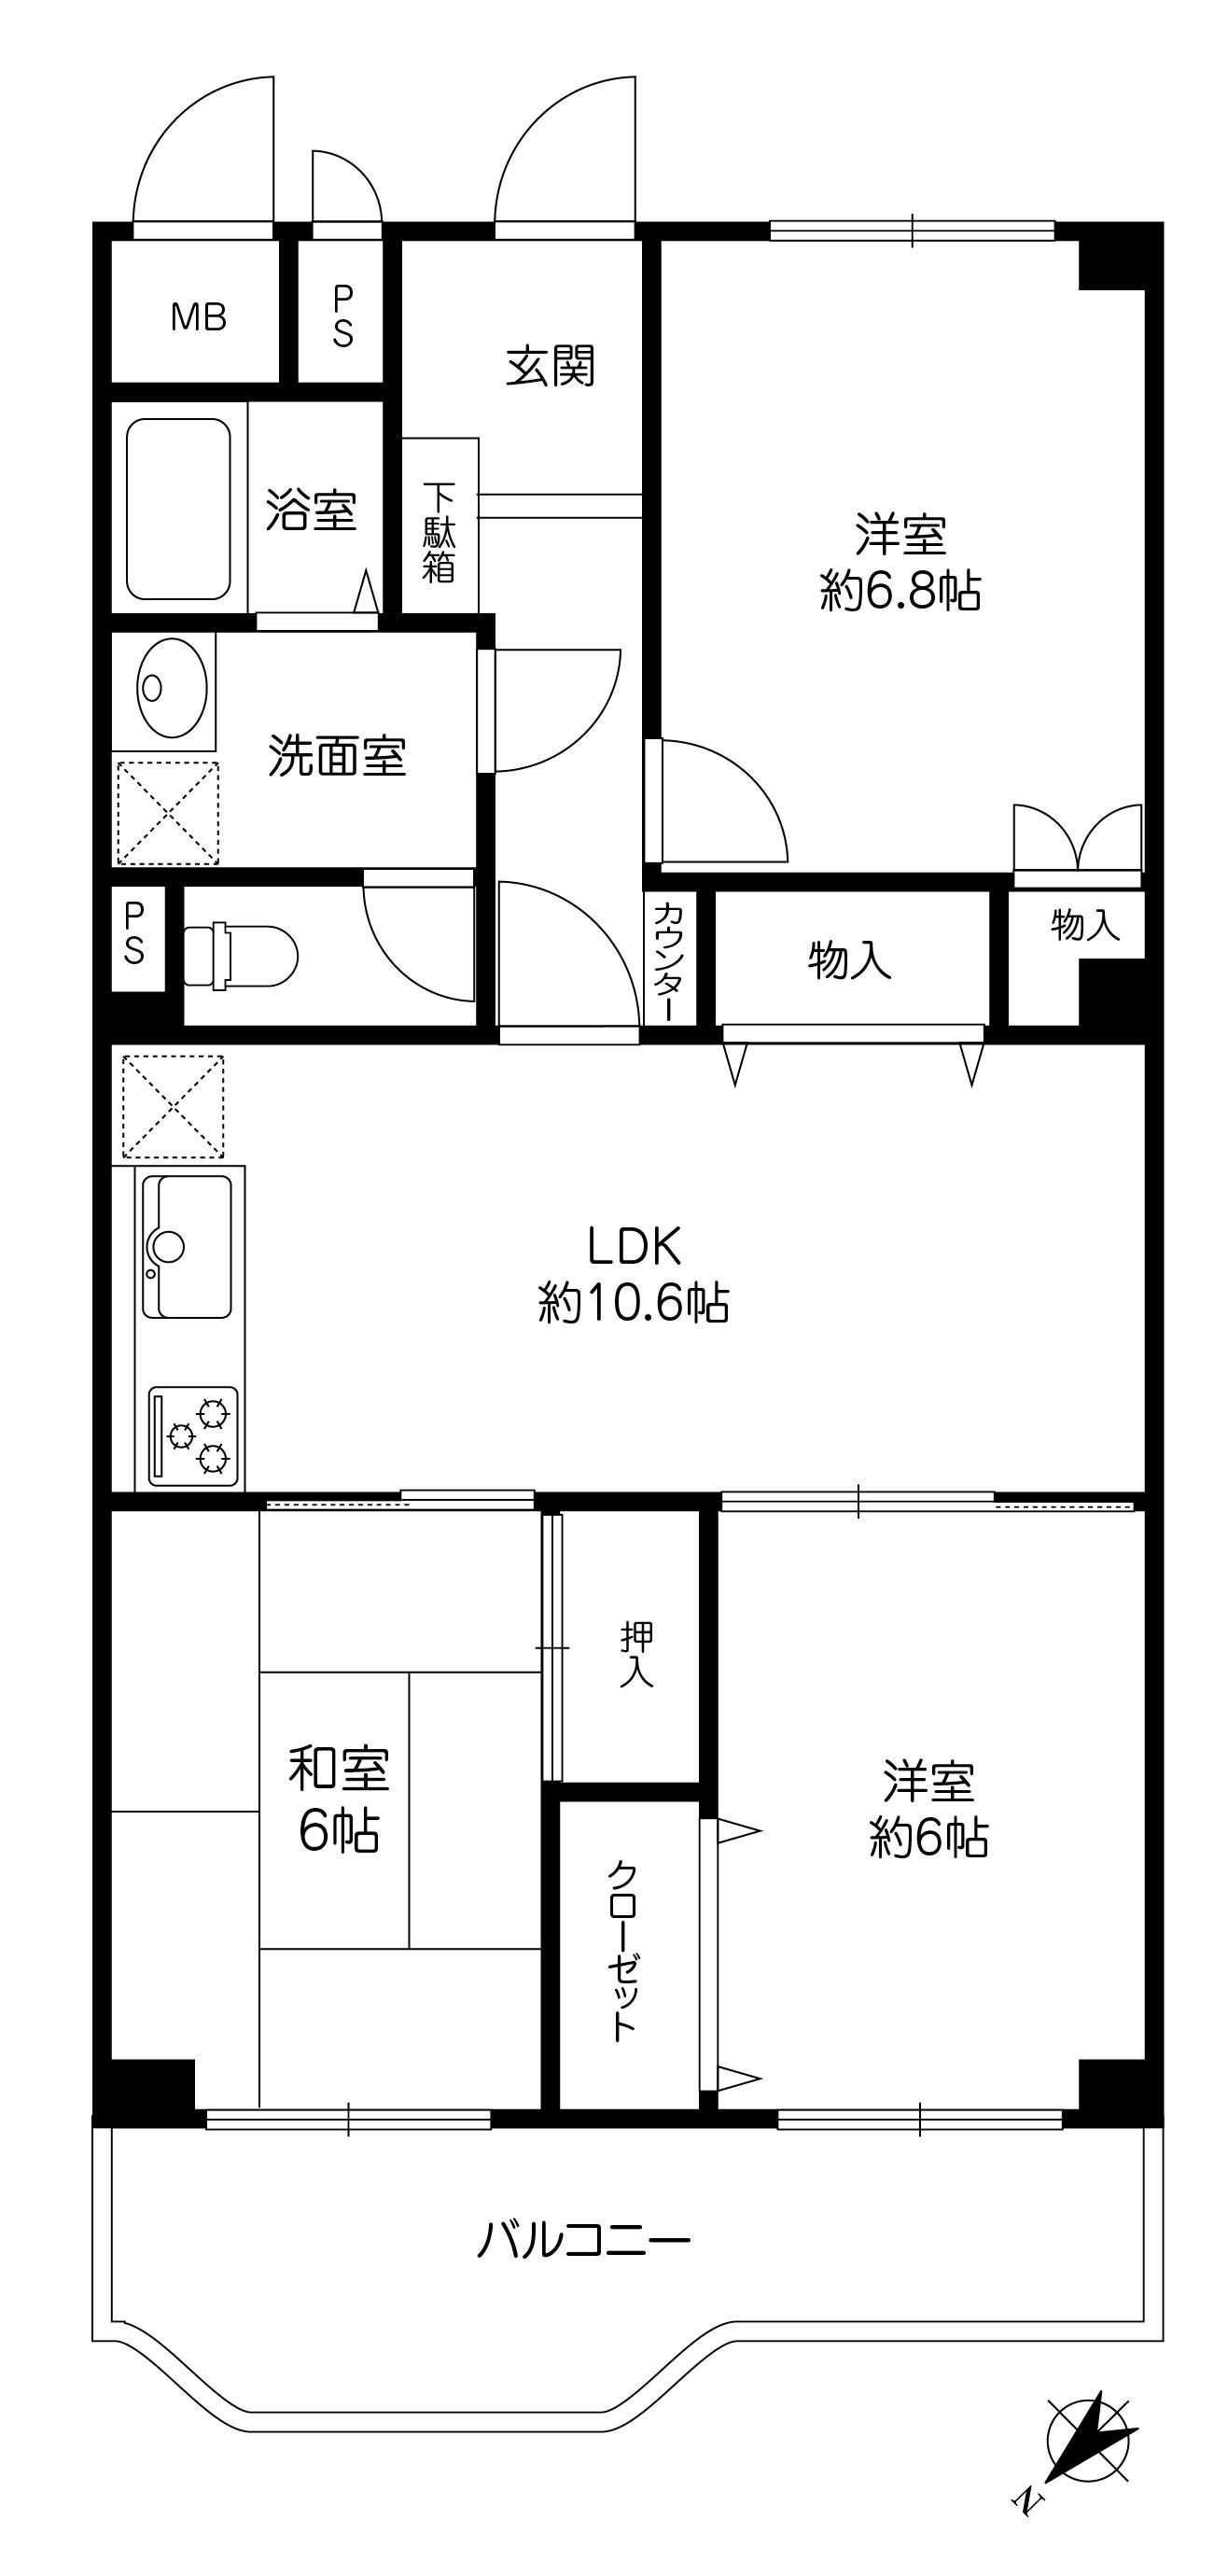 【賃貸マンション】朝日ヶ丘レックスマンション